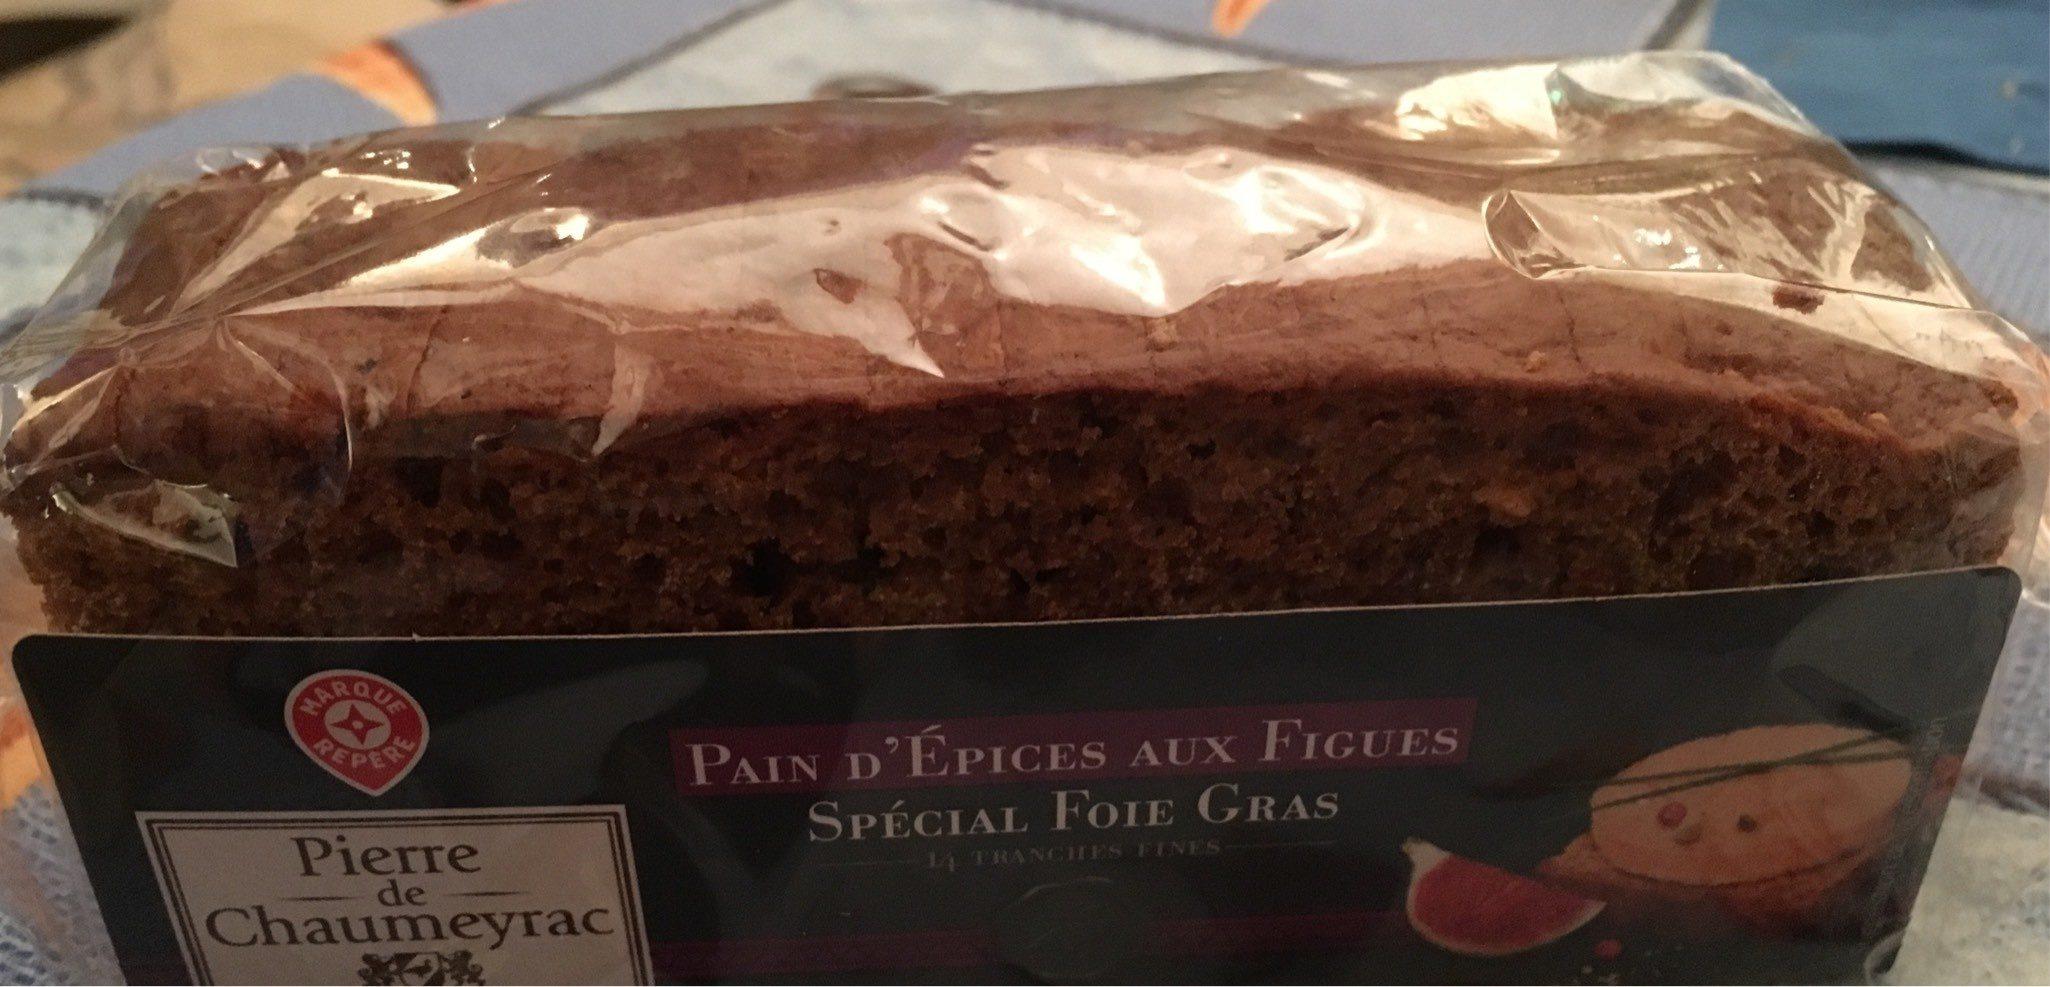 Pain d'épices aux figues - Product - fr